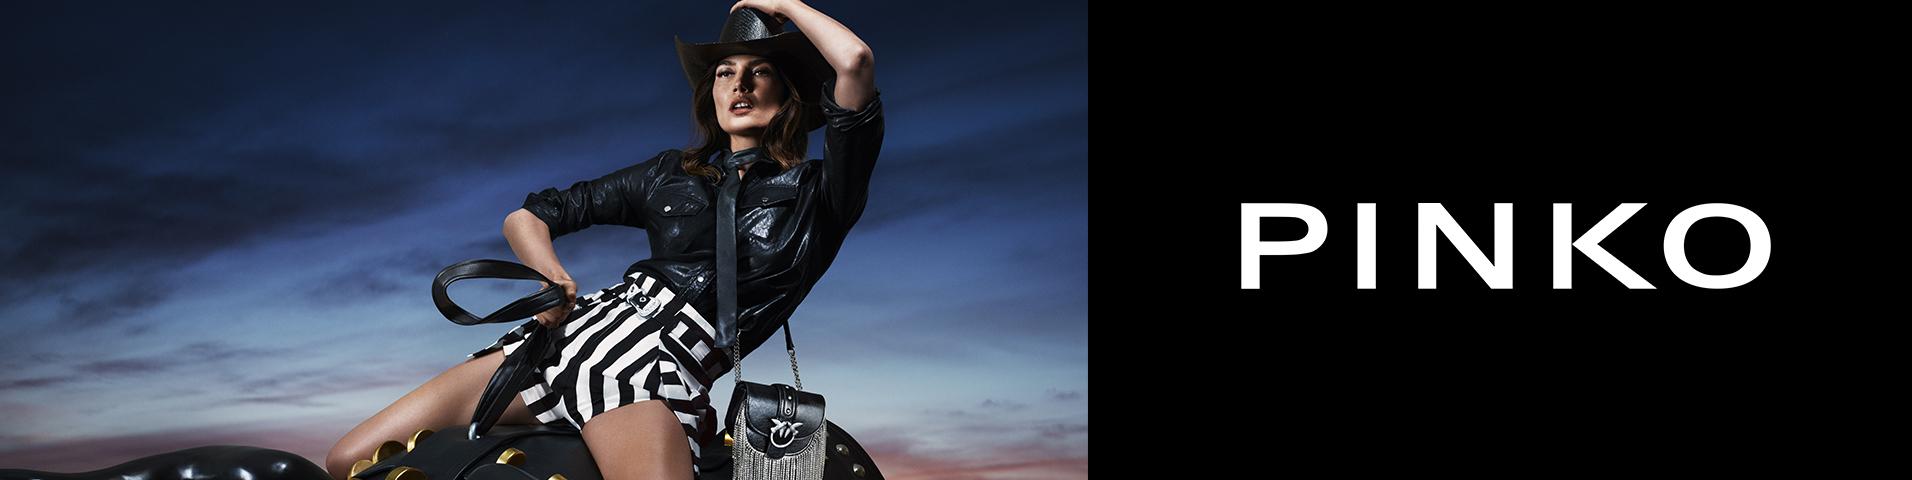 Pinko Jeans online kopen   Snelle levering  ZALANDO